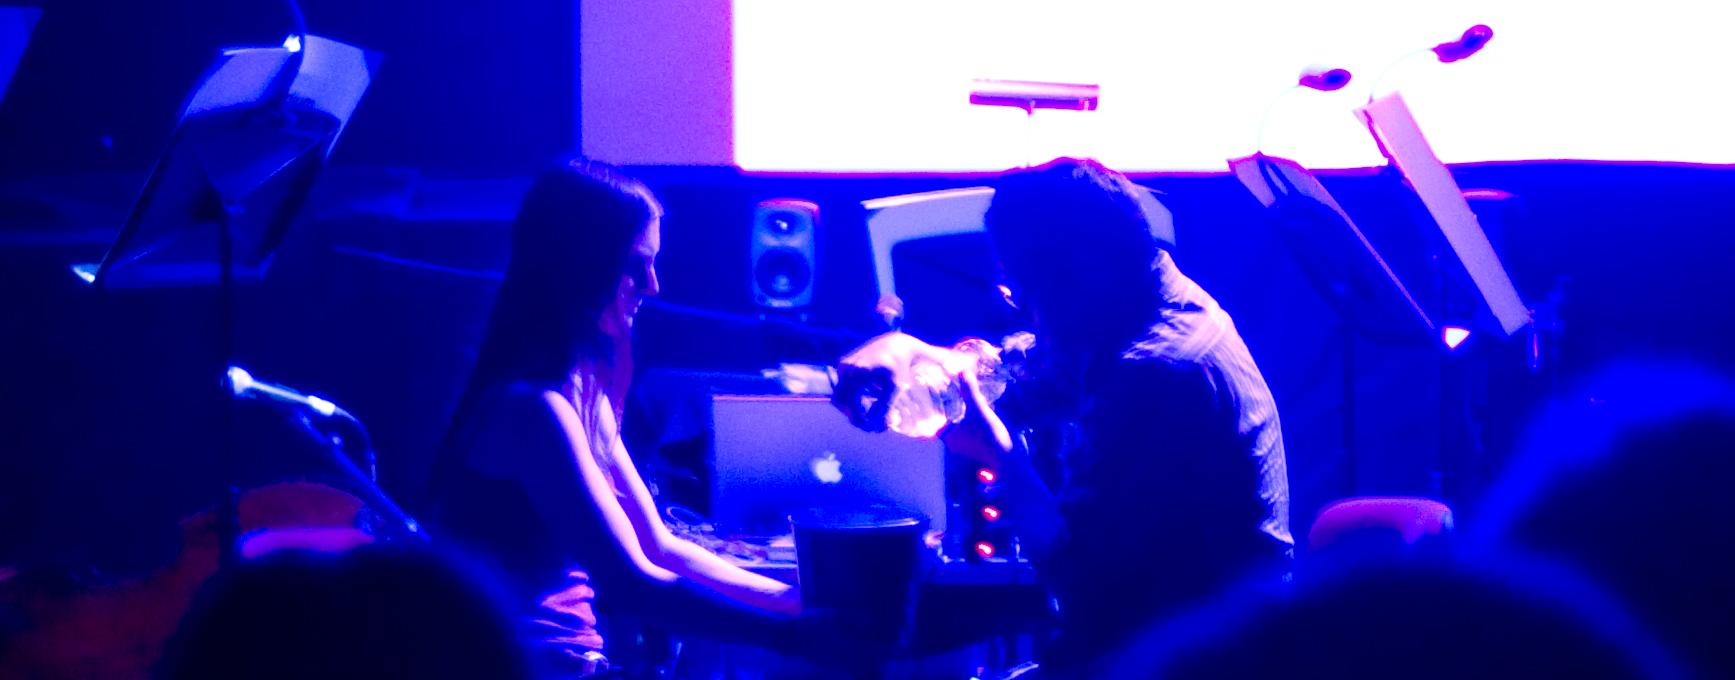 Music Online: Quiet Music Online